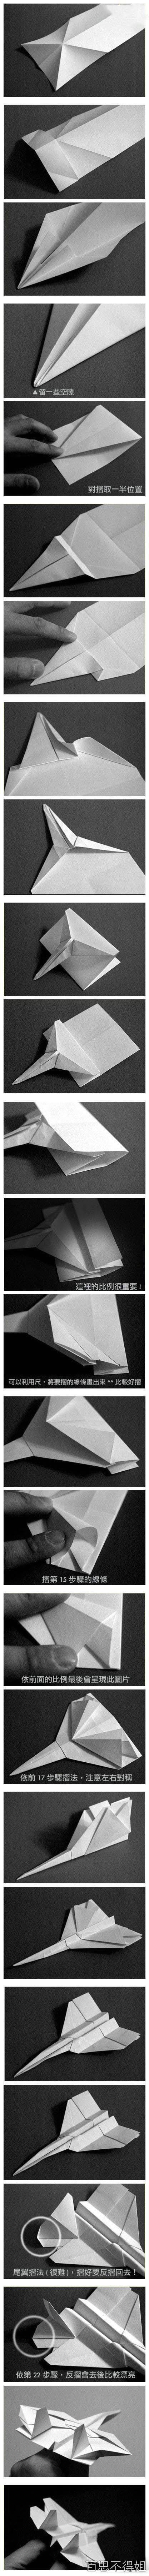 纸飞机的折法大全f18的做法